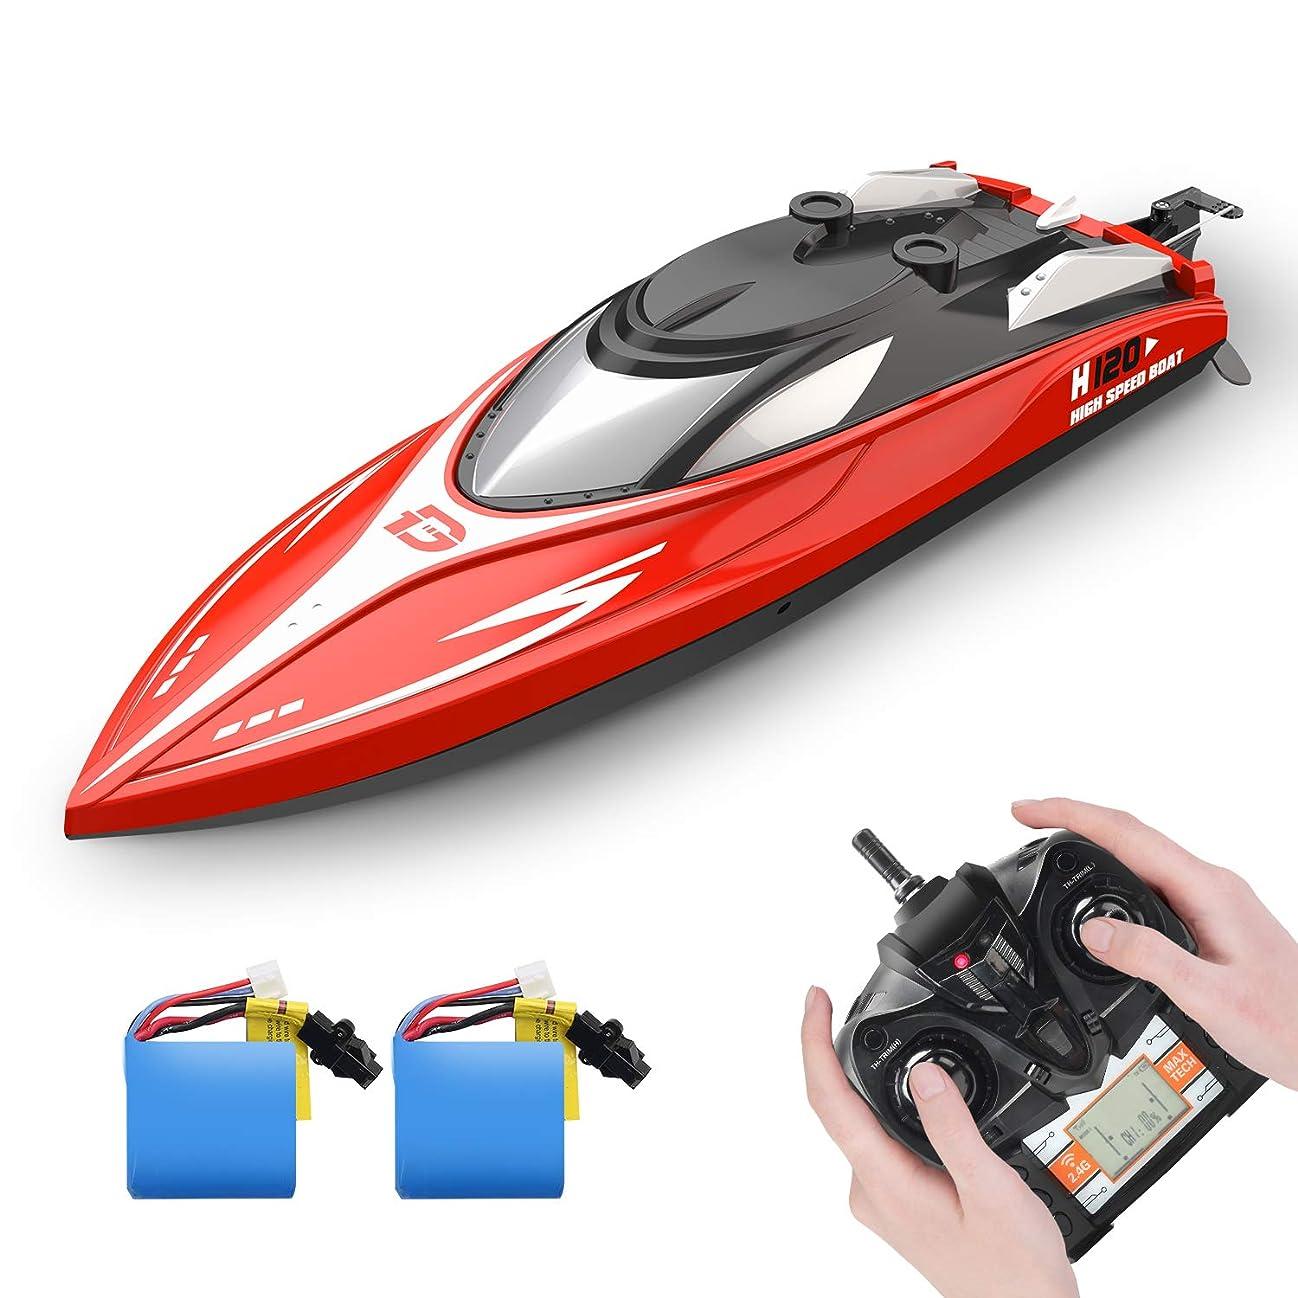 聖職者狐カヌーDEERC ラジコン 船 ボート 高速 ラジコンボート こども向け リモコン 28km/h 防水性 RCスピードボート おもちゃ 2.4Ghz無線操作 贈り物 日本国内認証済み H120